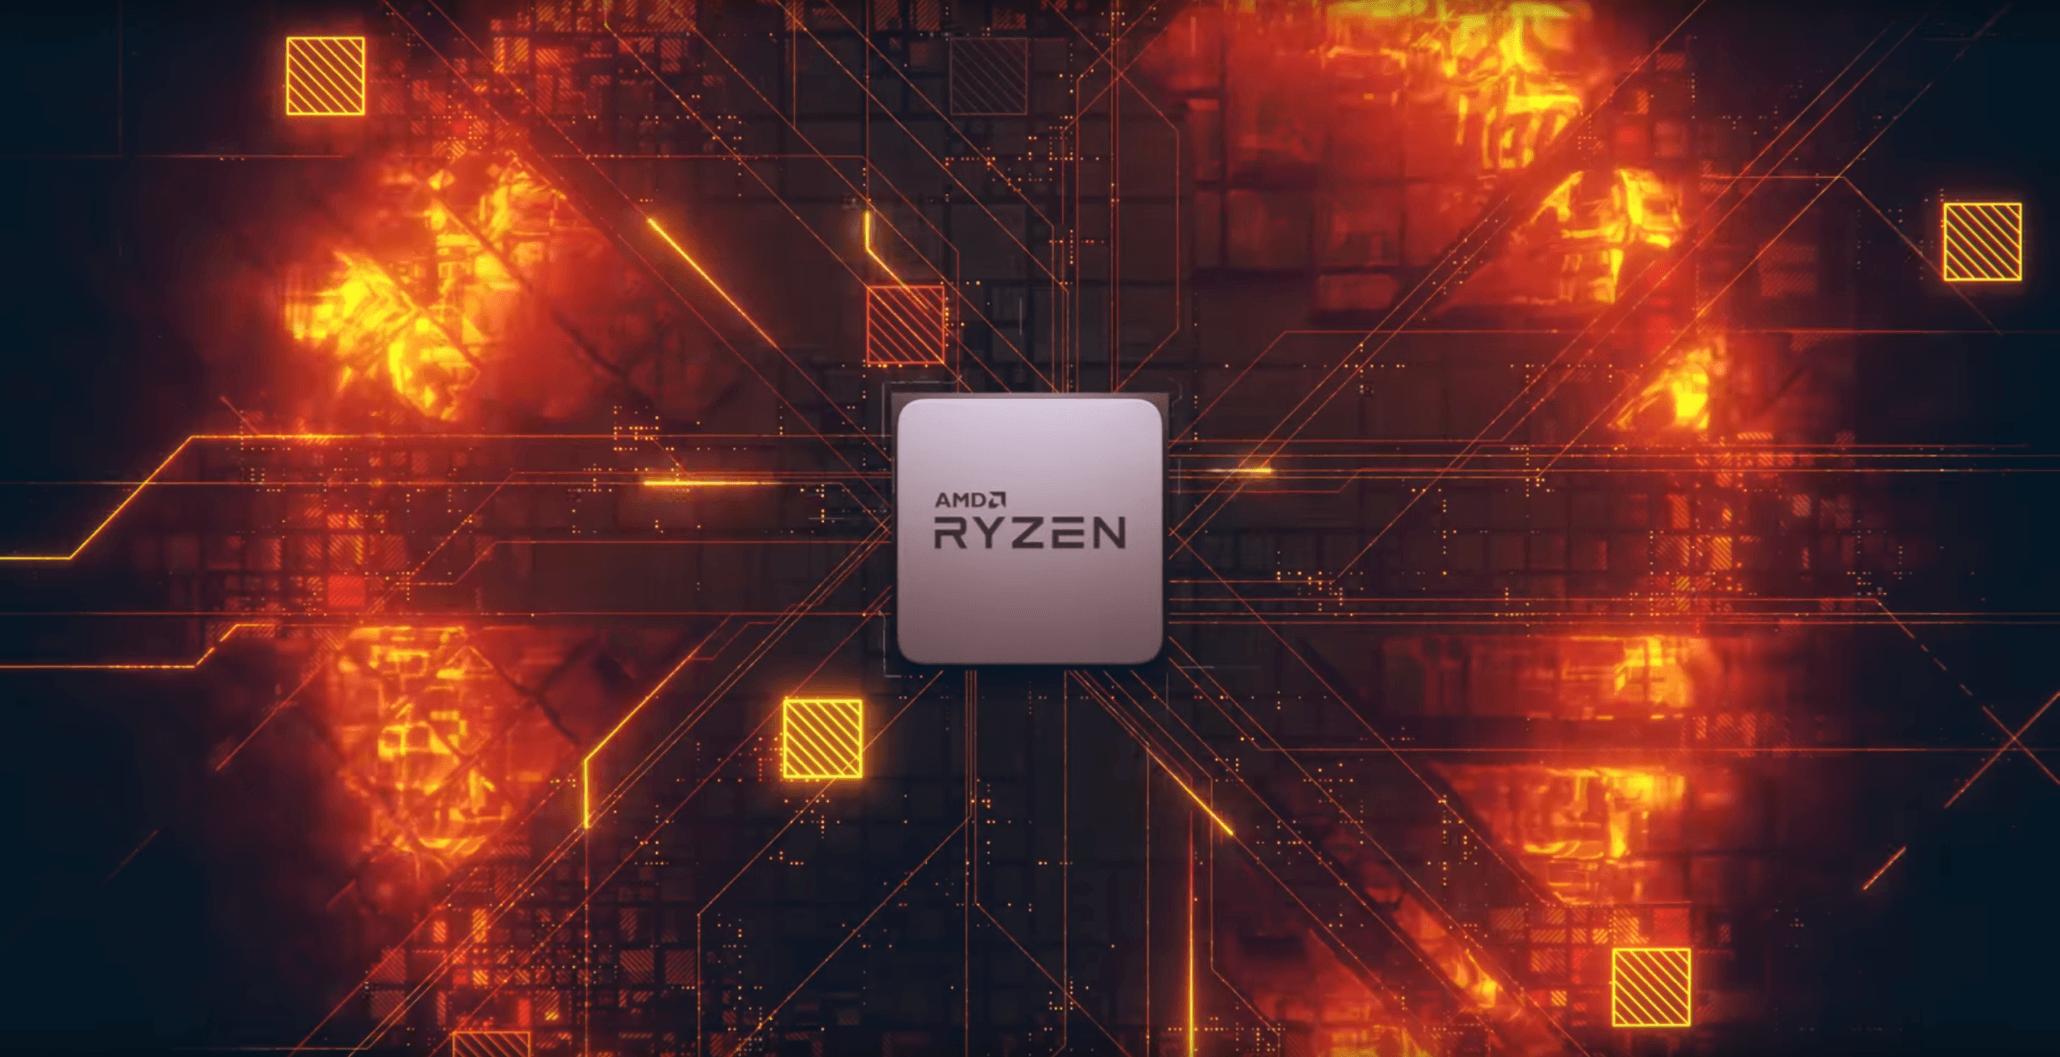 AMD Ryzen 7 3700X vs Ryzen 5 3600X: Which Is A Better Choice?